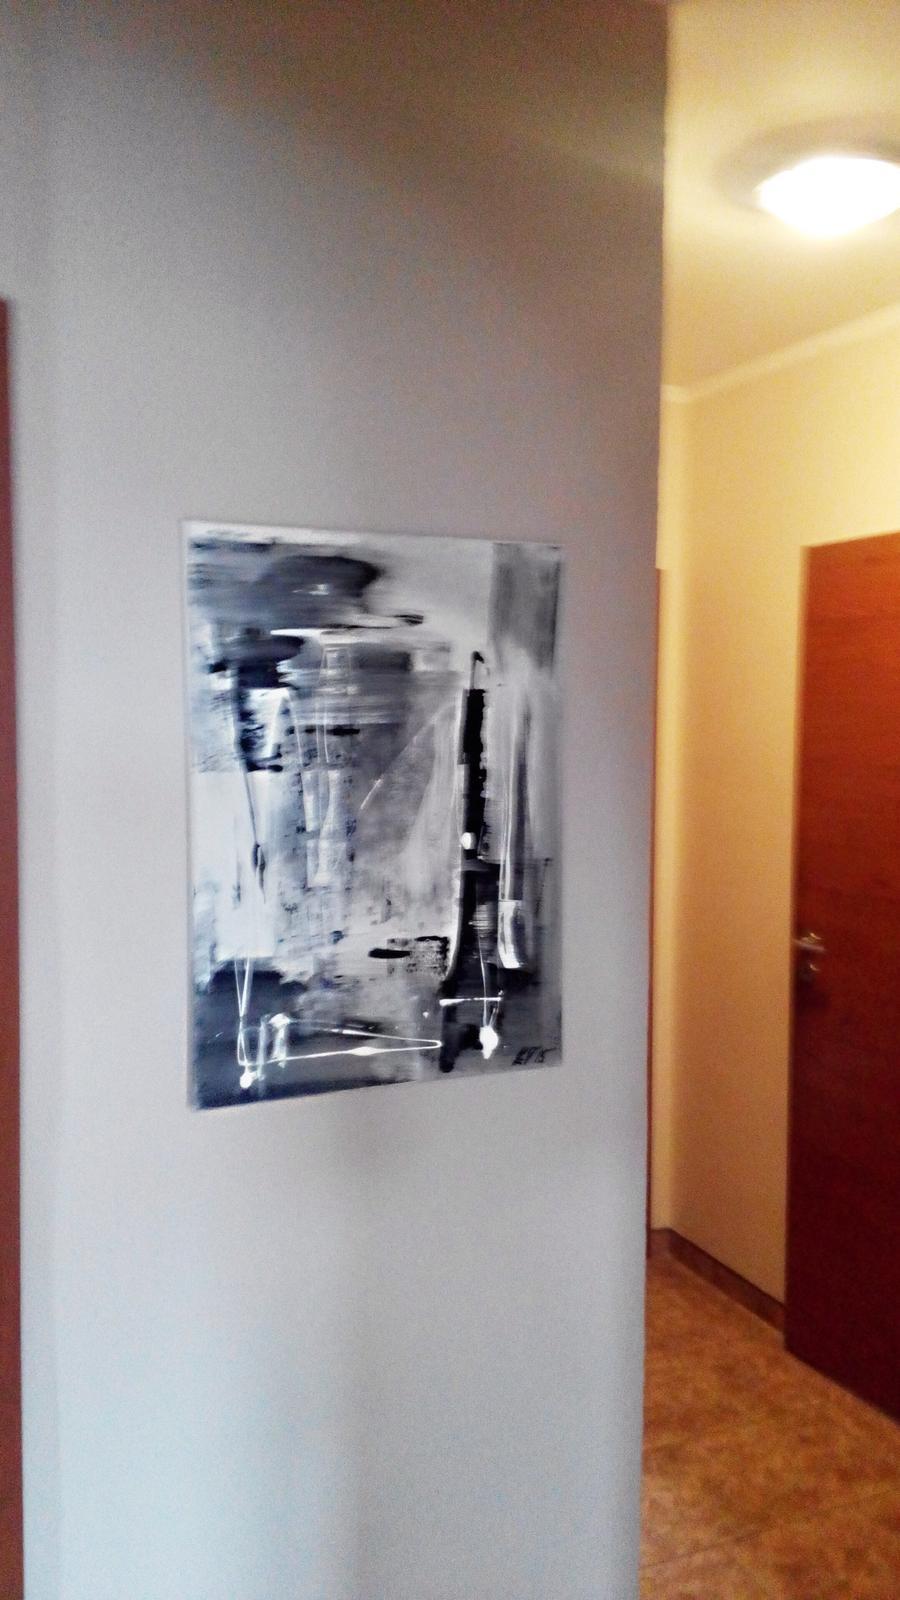 Mé obrazy v interiérech - Obrázek č. 48